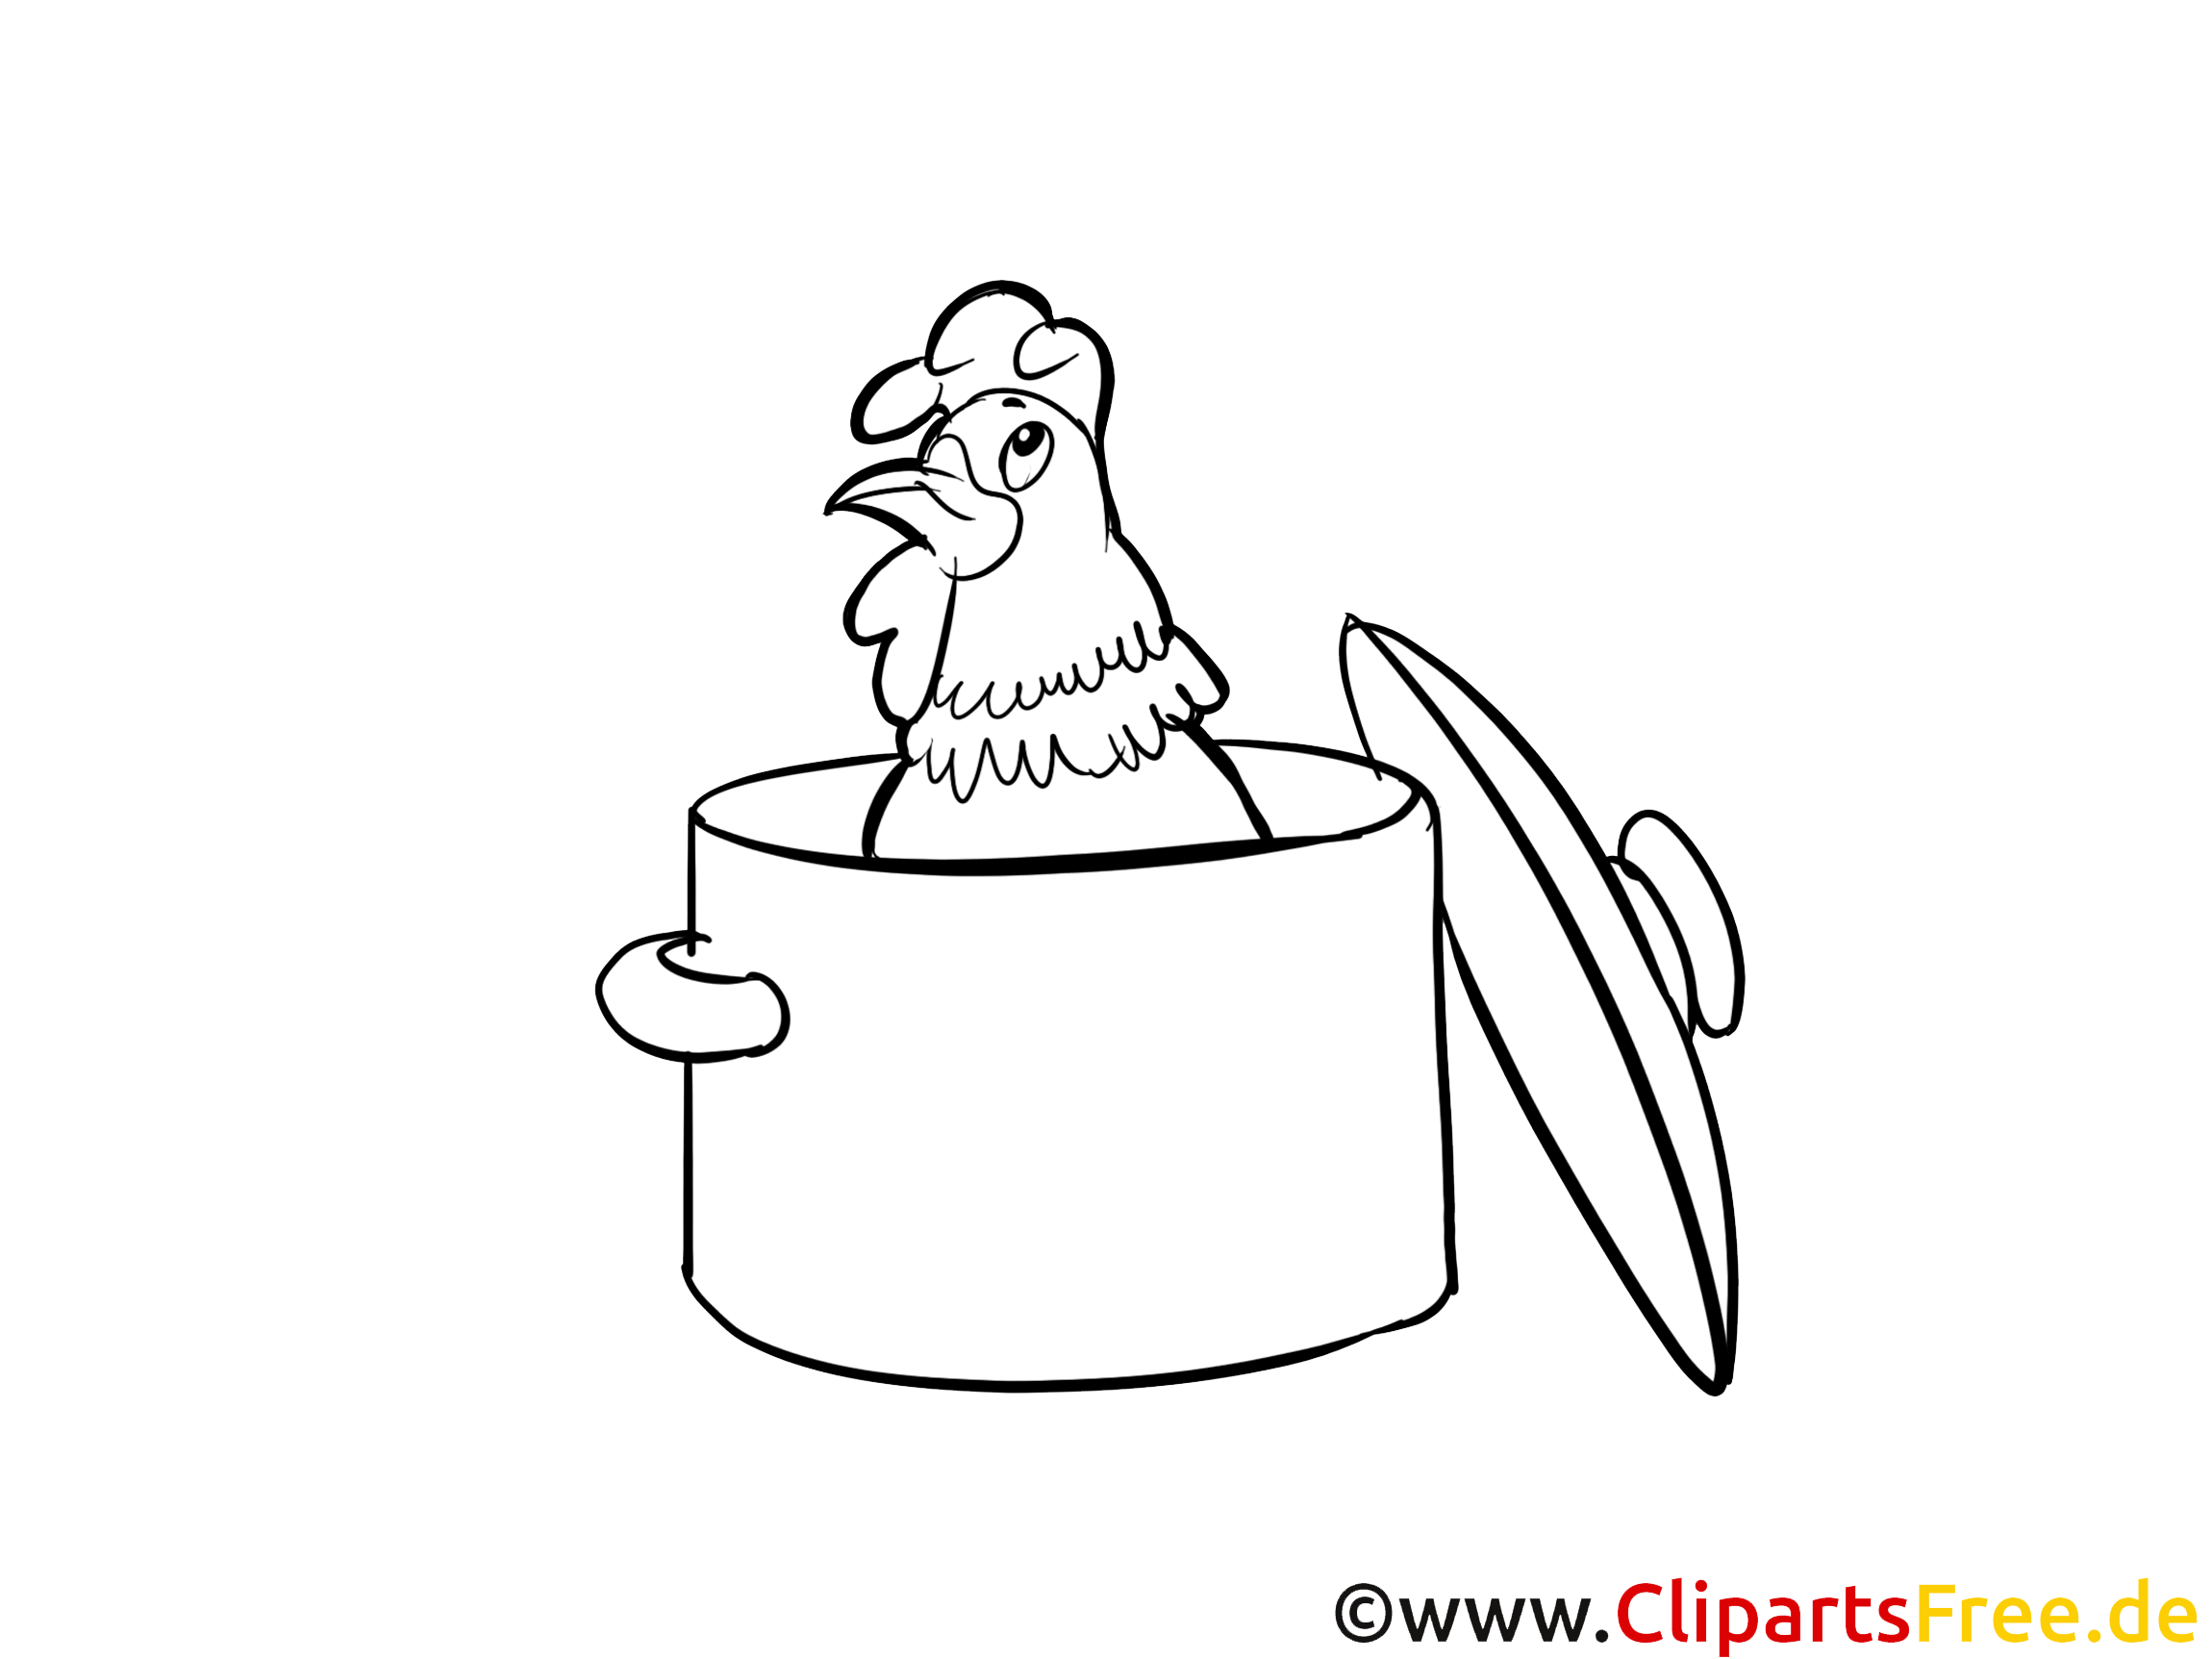 Coq clipart gratuit – Divers à colorier